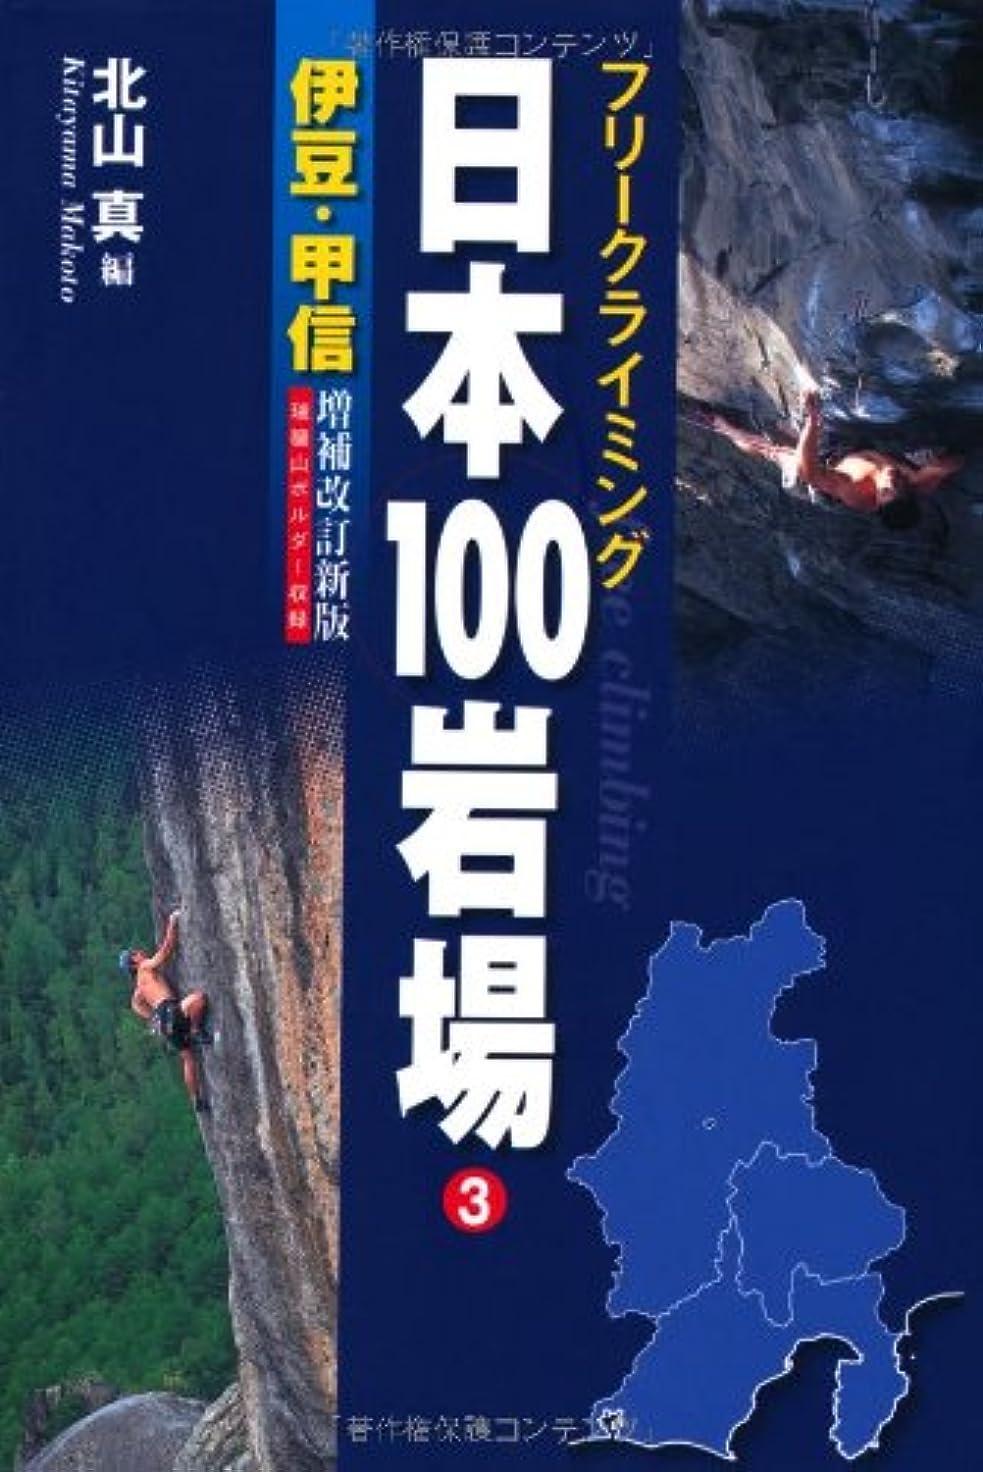 編集するカップすべきフリークライミング 日本100岩場 3 伊豆?甲信 増補改訂新版 (フリークライミング日本100岩場)